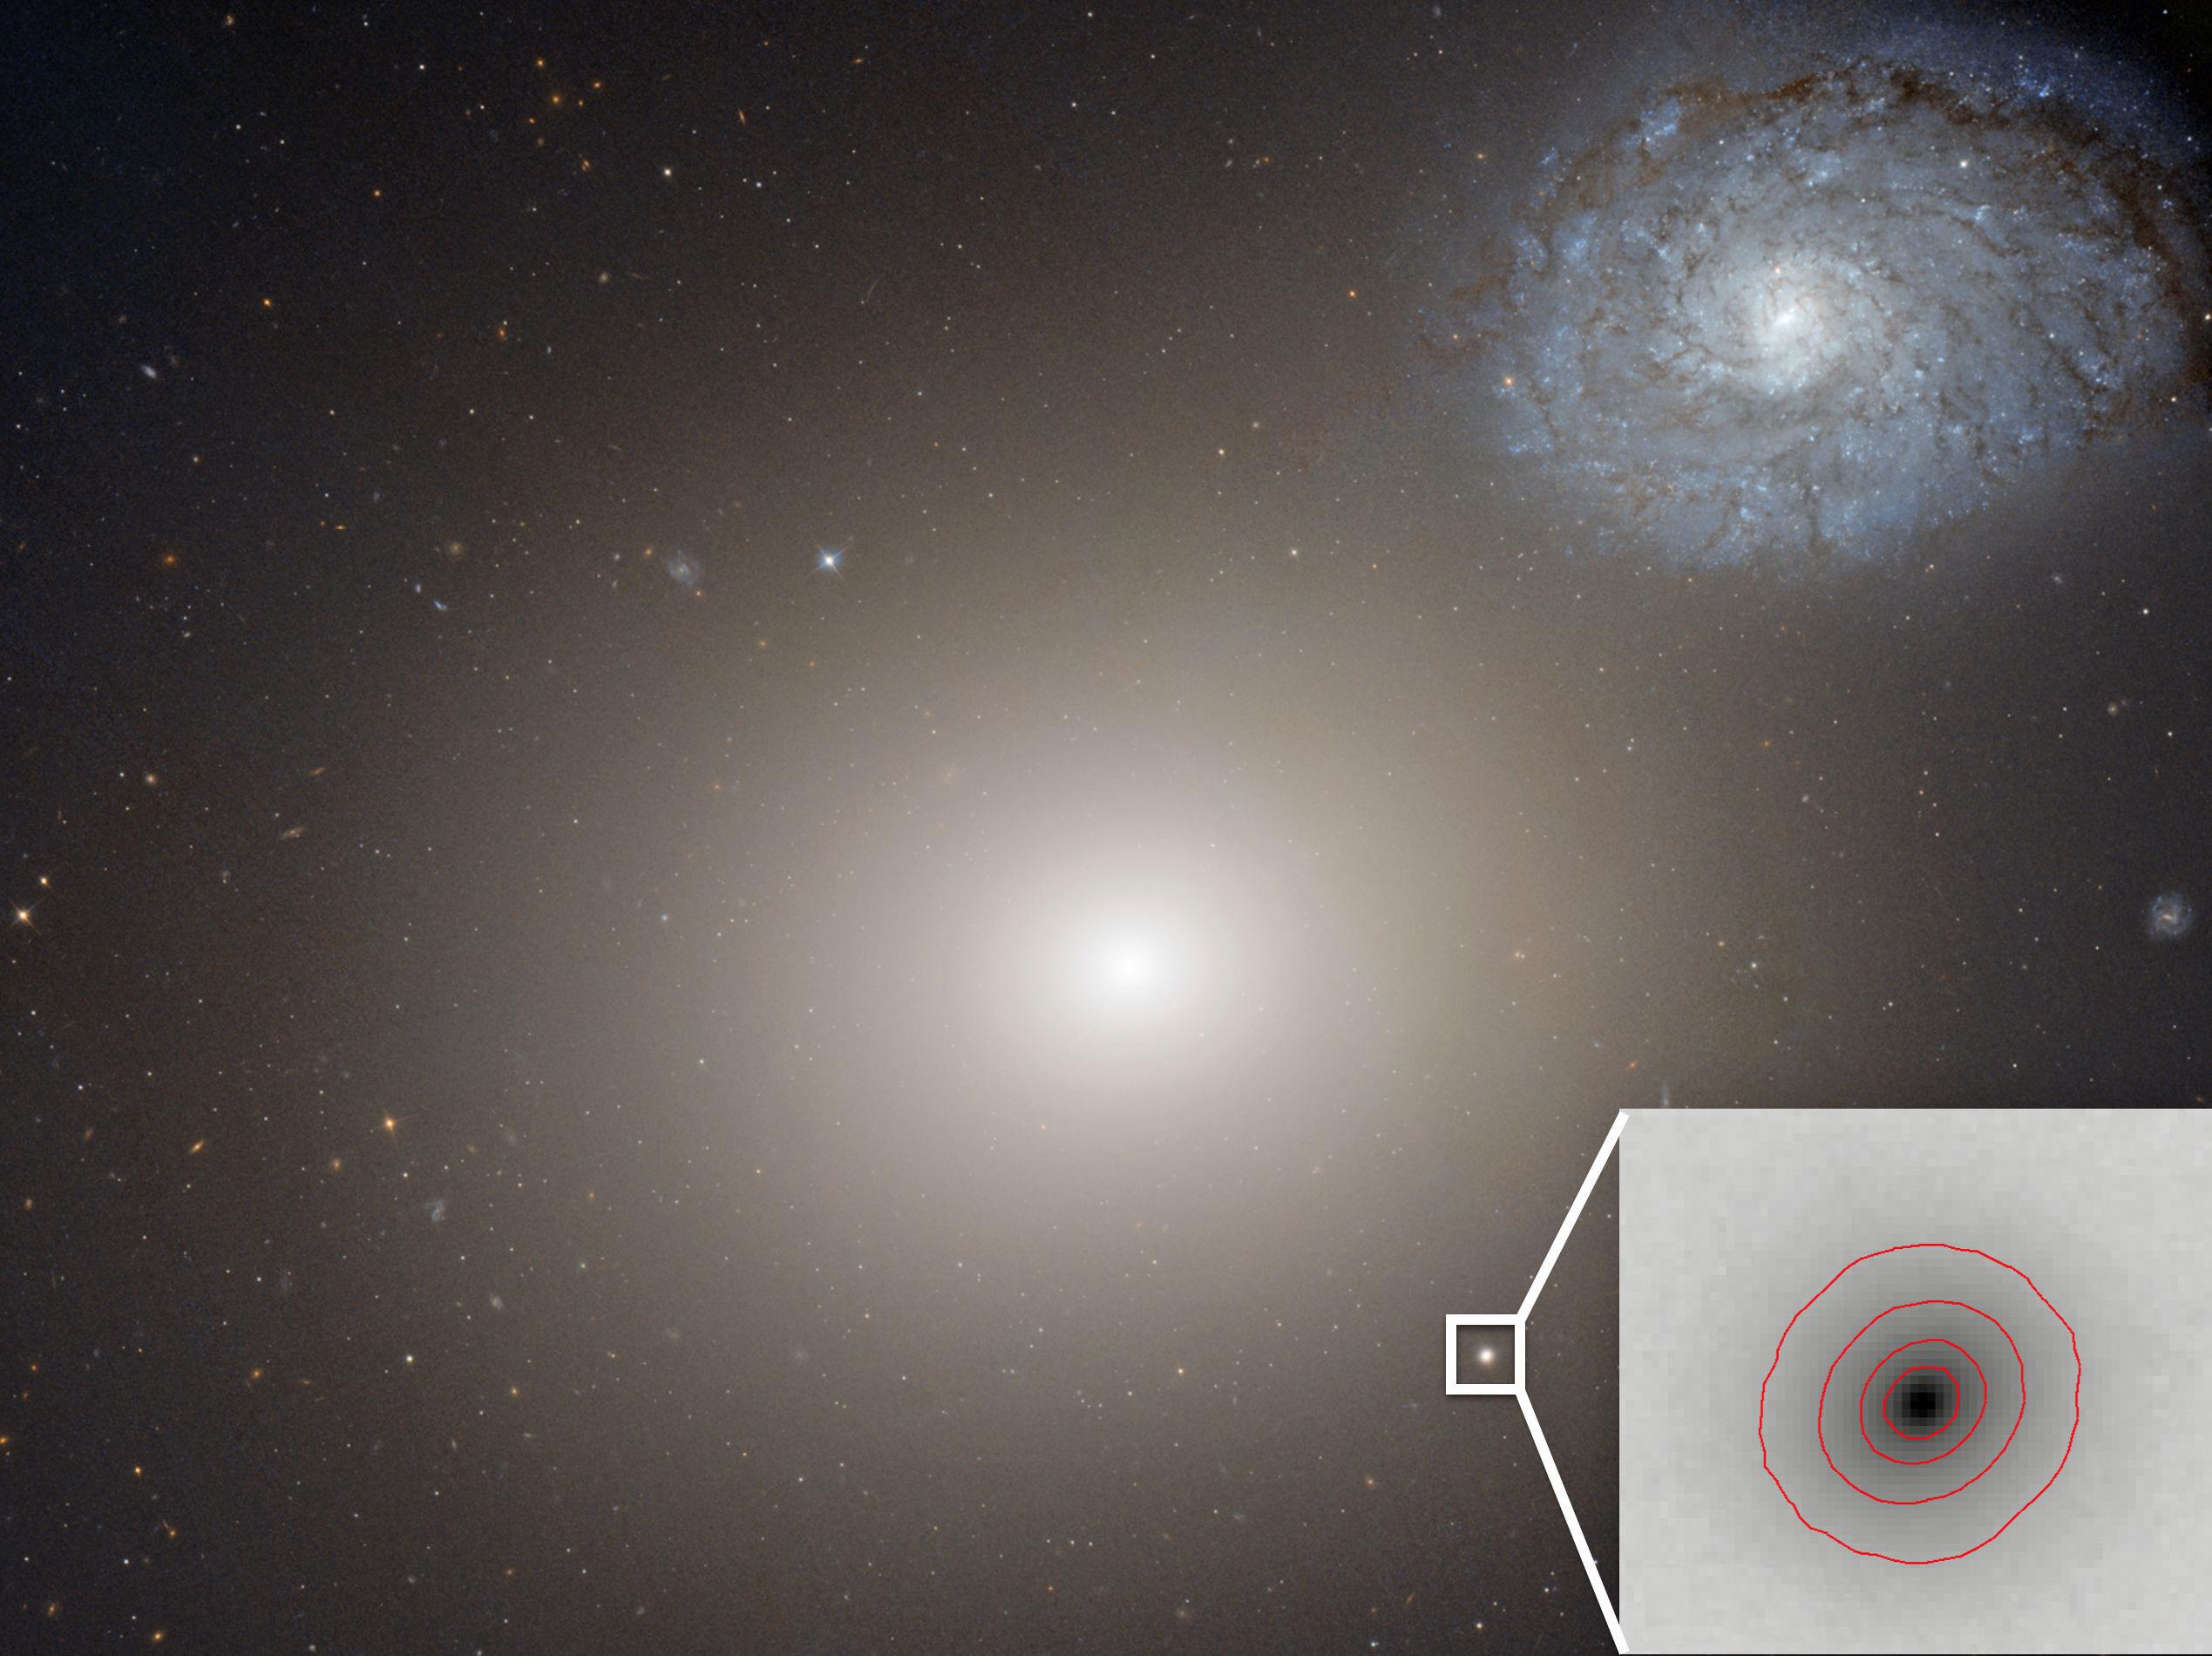 Хаббл помог обнаружить самую маленькую галактику со сверхмассивной черной дырой